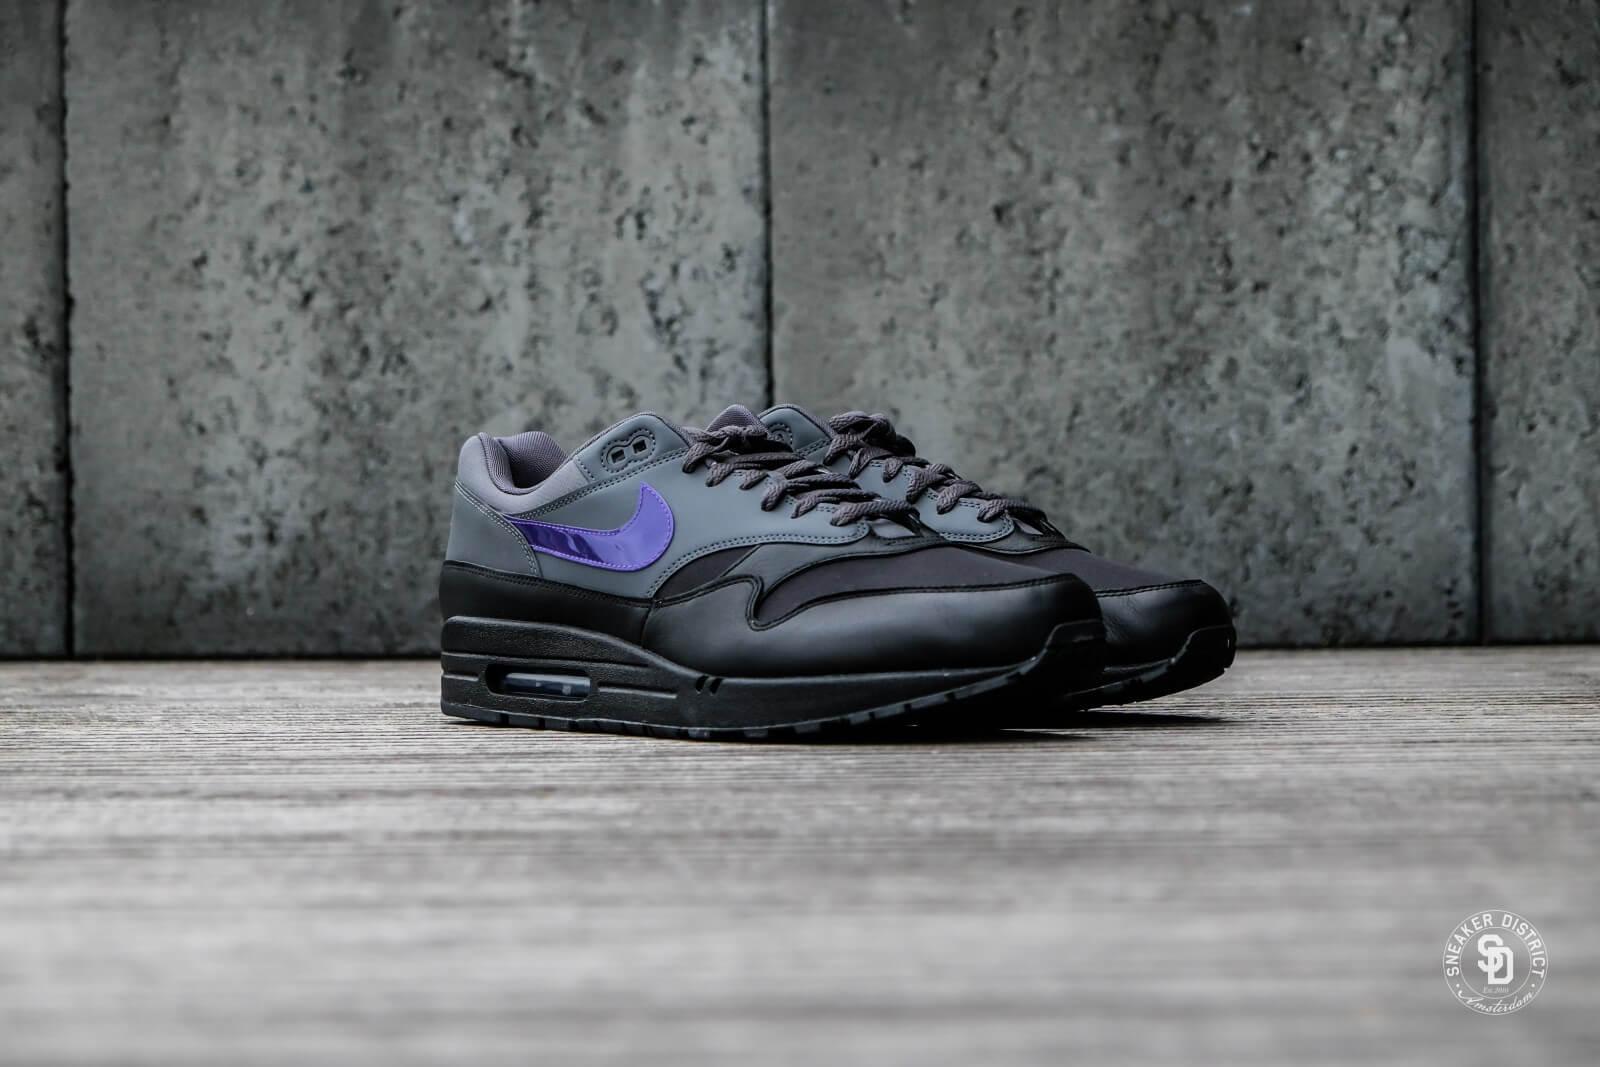 1f8b76818d ... coupon code for nike air max 1 dark grey fierce purple black d5b50 44e14